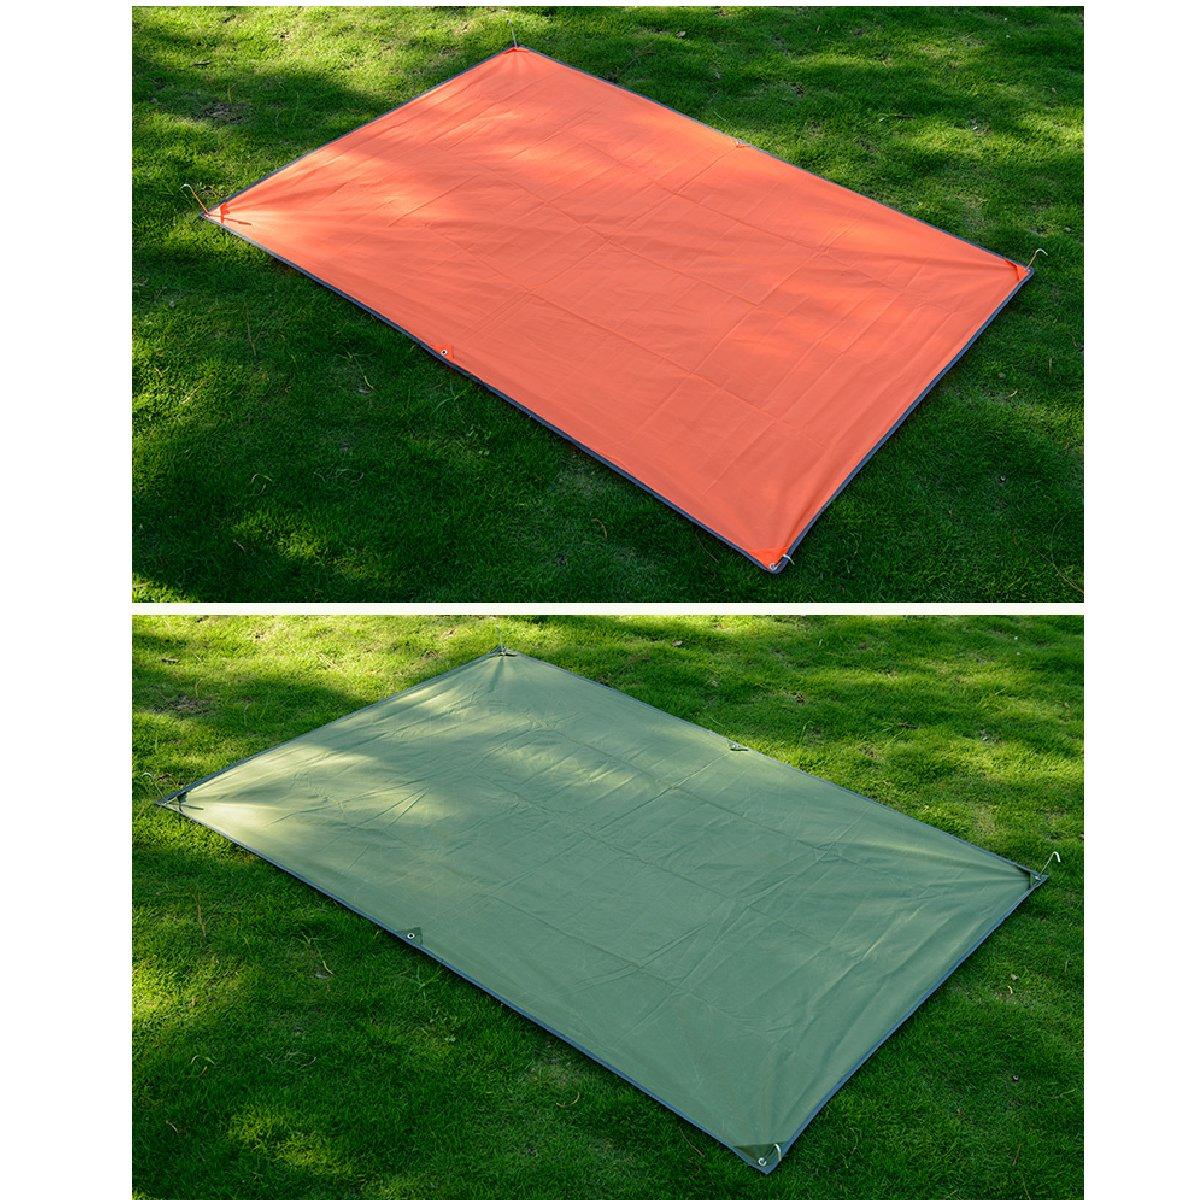 Azarxis Wasserdichte Zeltunterlage Vorzeltteppich Picknickdecke Stranddecke Camping Matte wasserdurchl/ässige und Wasserfeste f/ür Markisen Camping